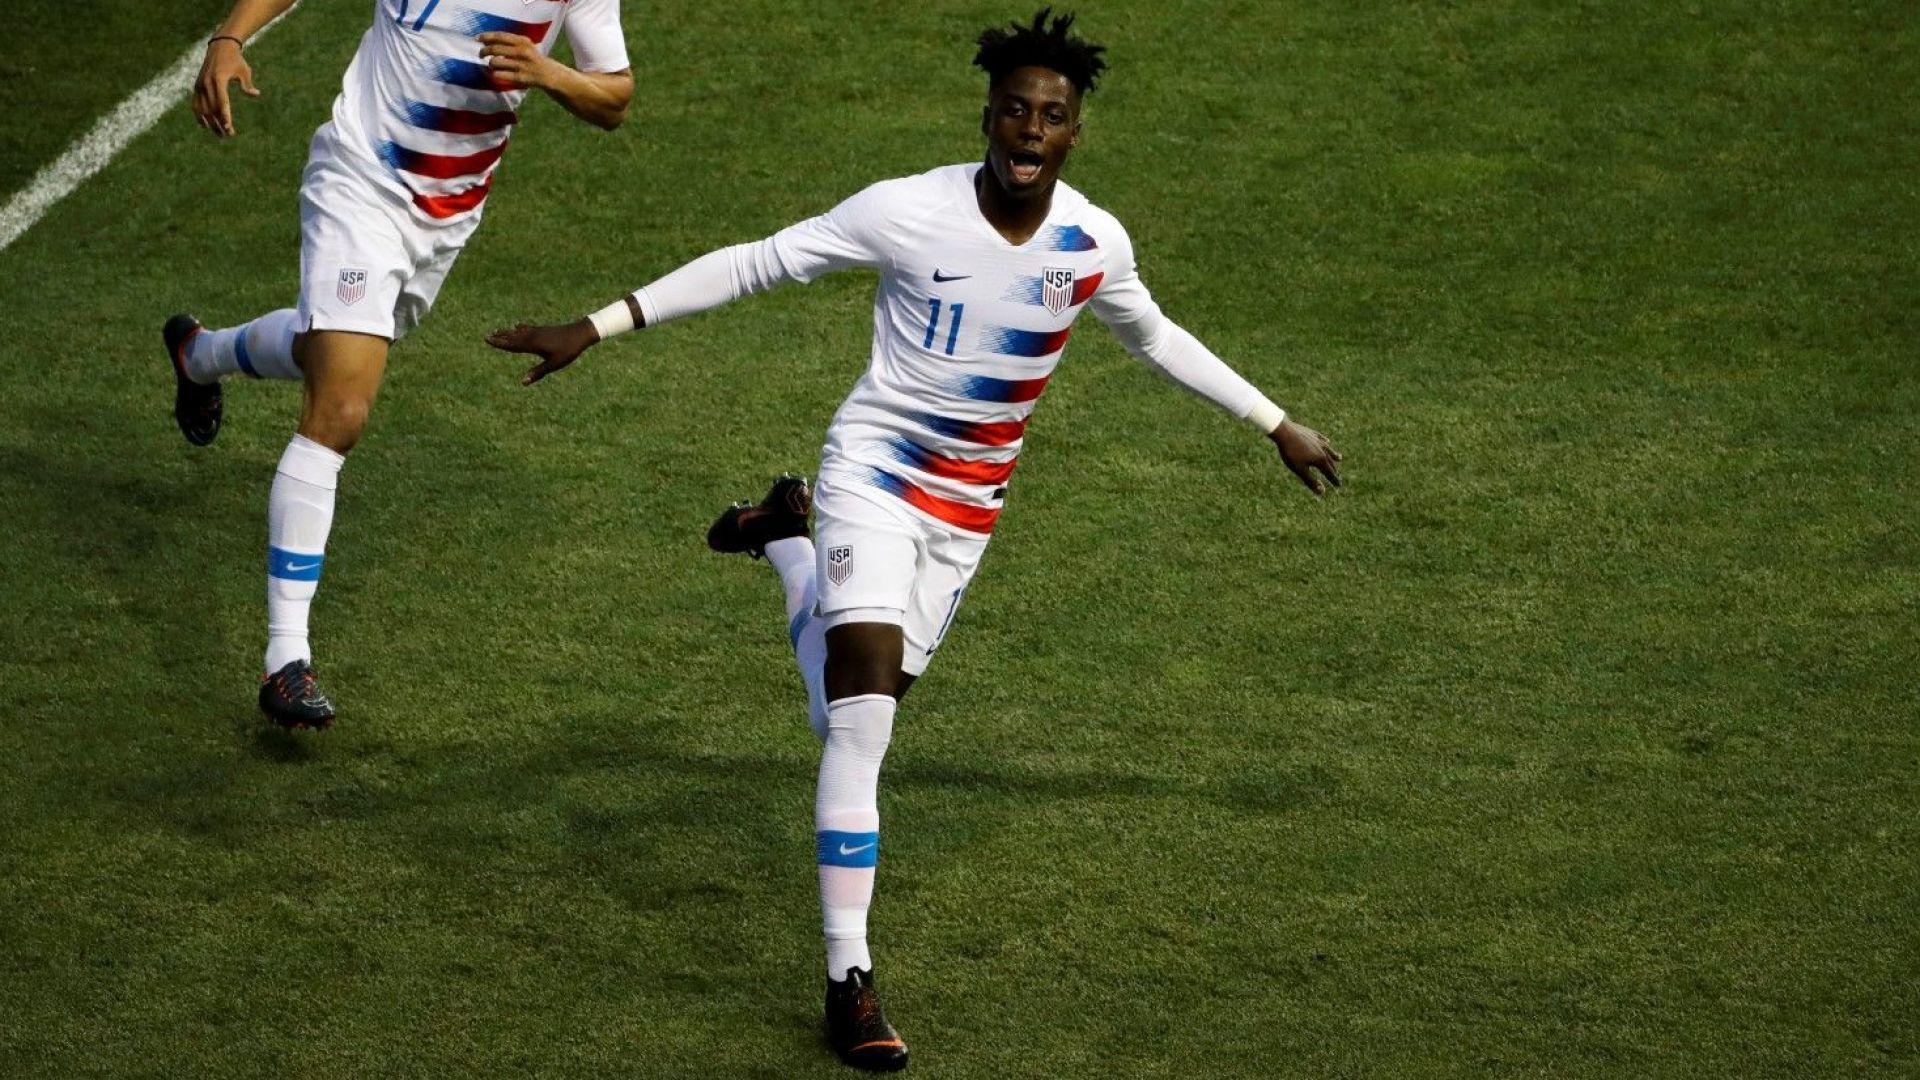 Синът на президента на Либерия дебютира с гол... за САЩ